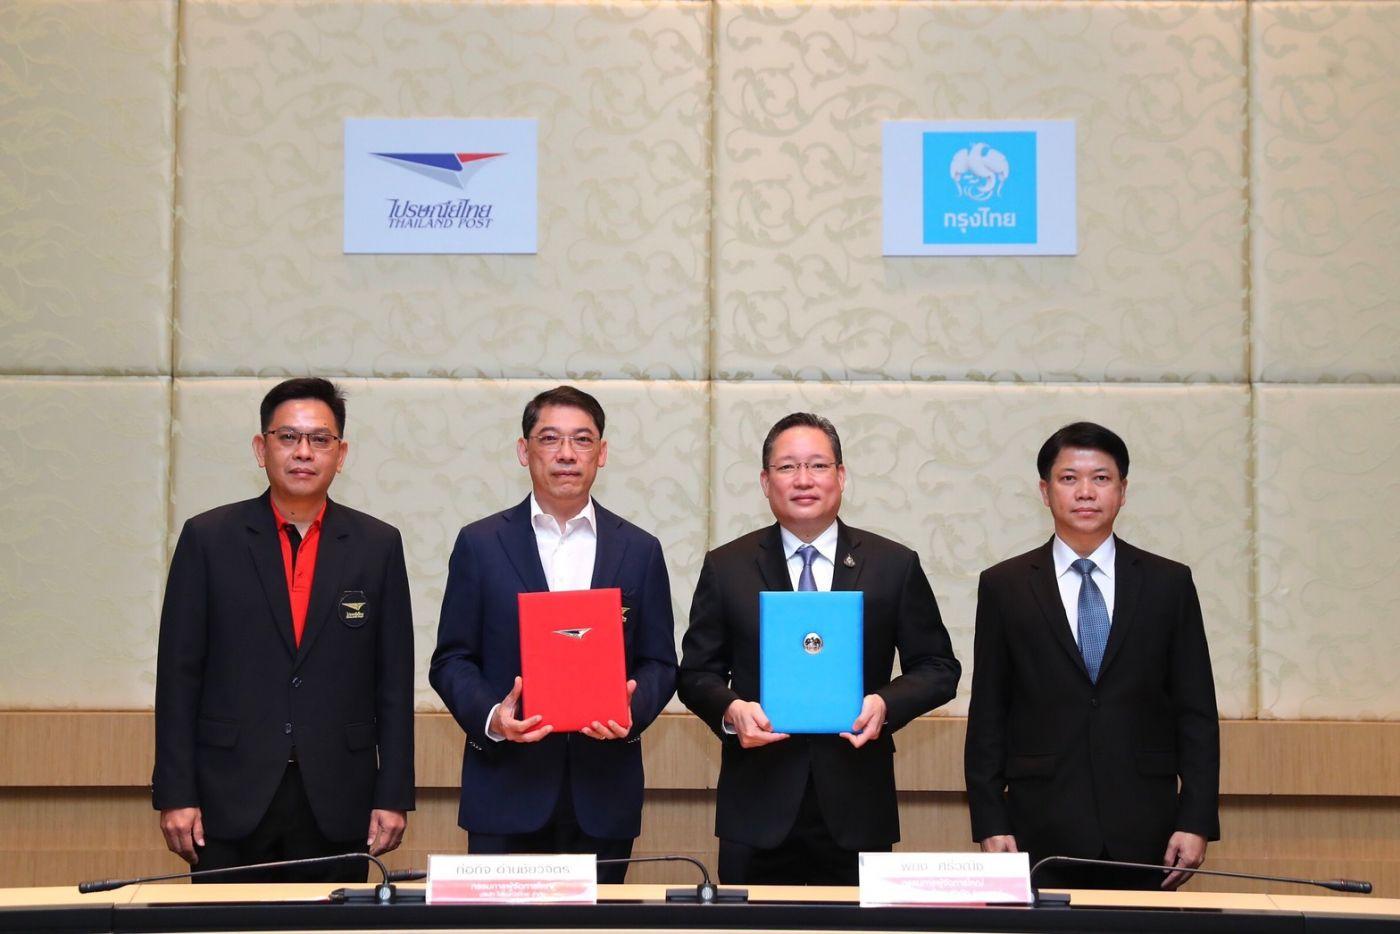 กรุงไทยจับมือไปรษณีย์ไทยพัฒนาบริการทางการเงินให้ครอบคลุมประชาชนทั่วประเทศ